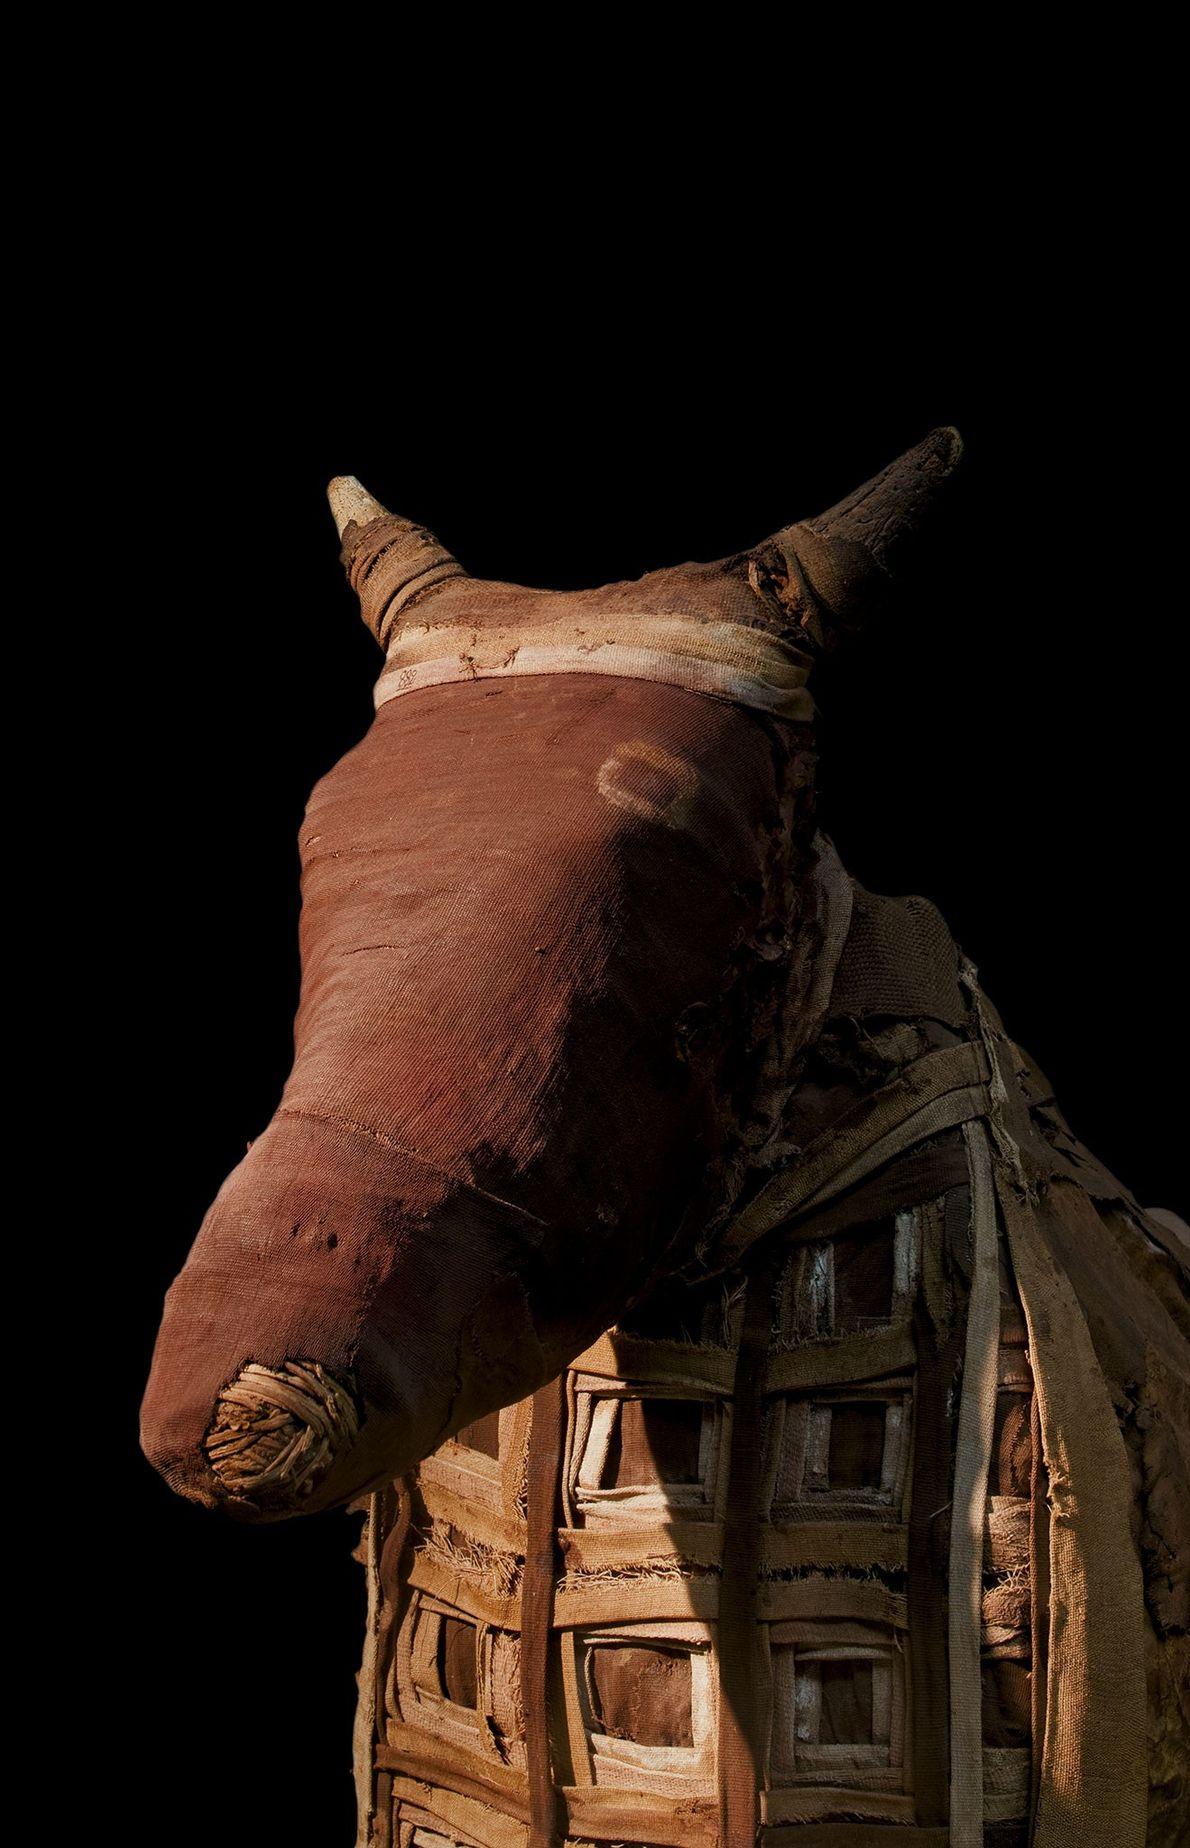 La santidad de los tres toros se extendía a sus madres, preparadas para el más allá ...